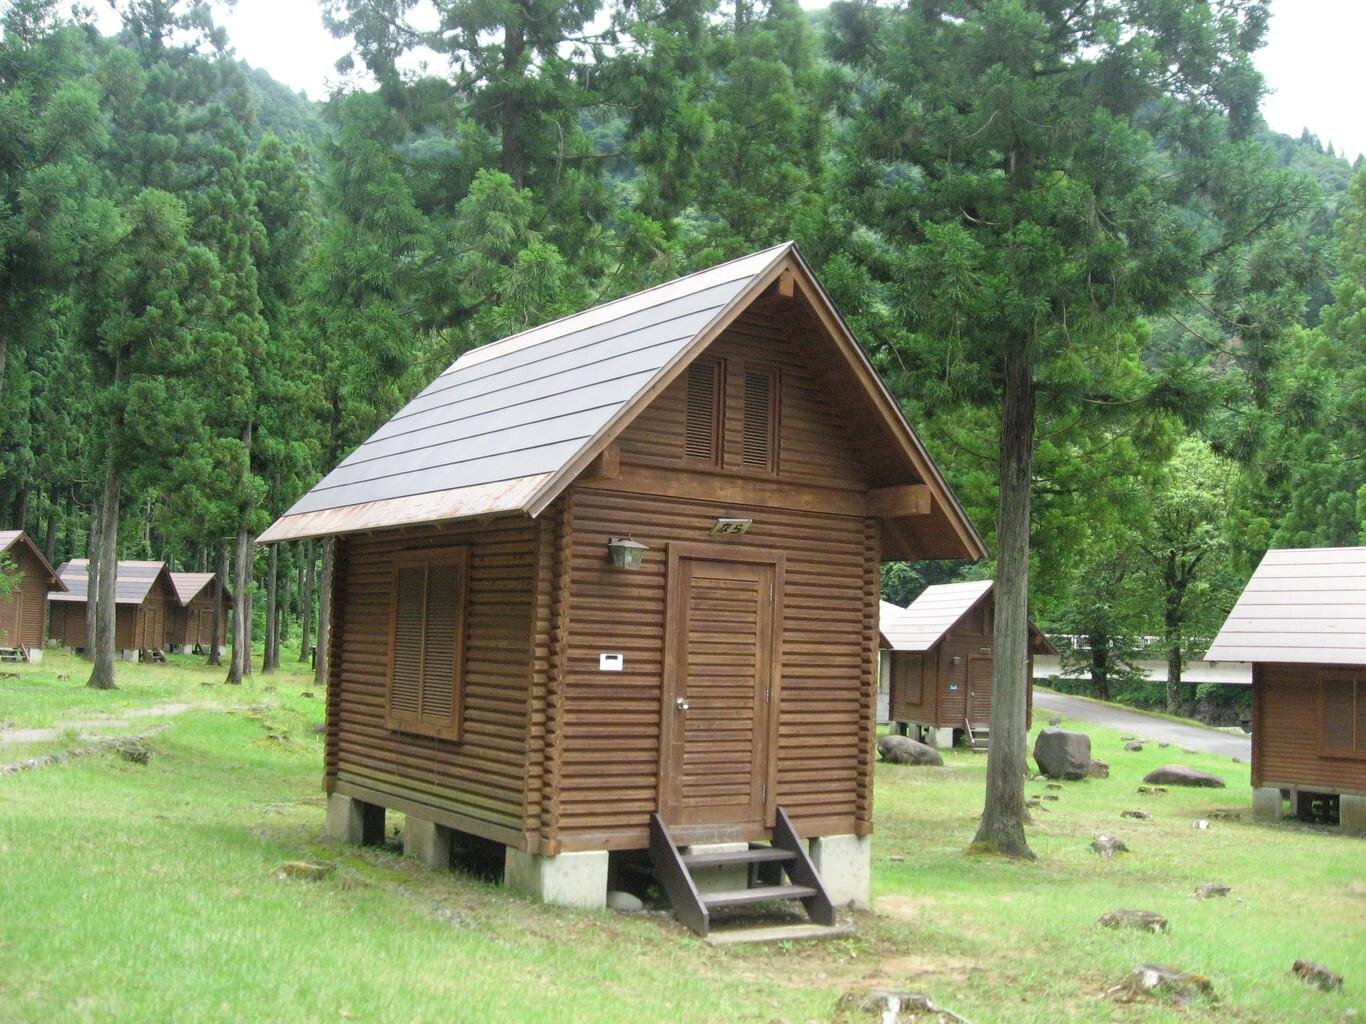 和泉前坂家族旅行村 前坂キャンプ場 の公式写真c8278